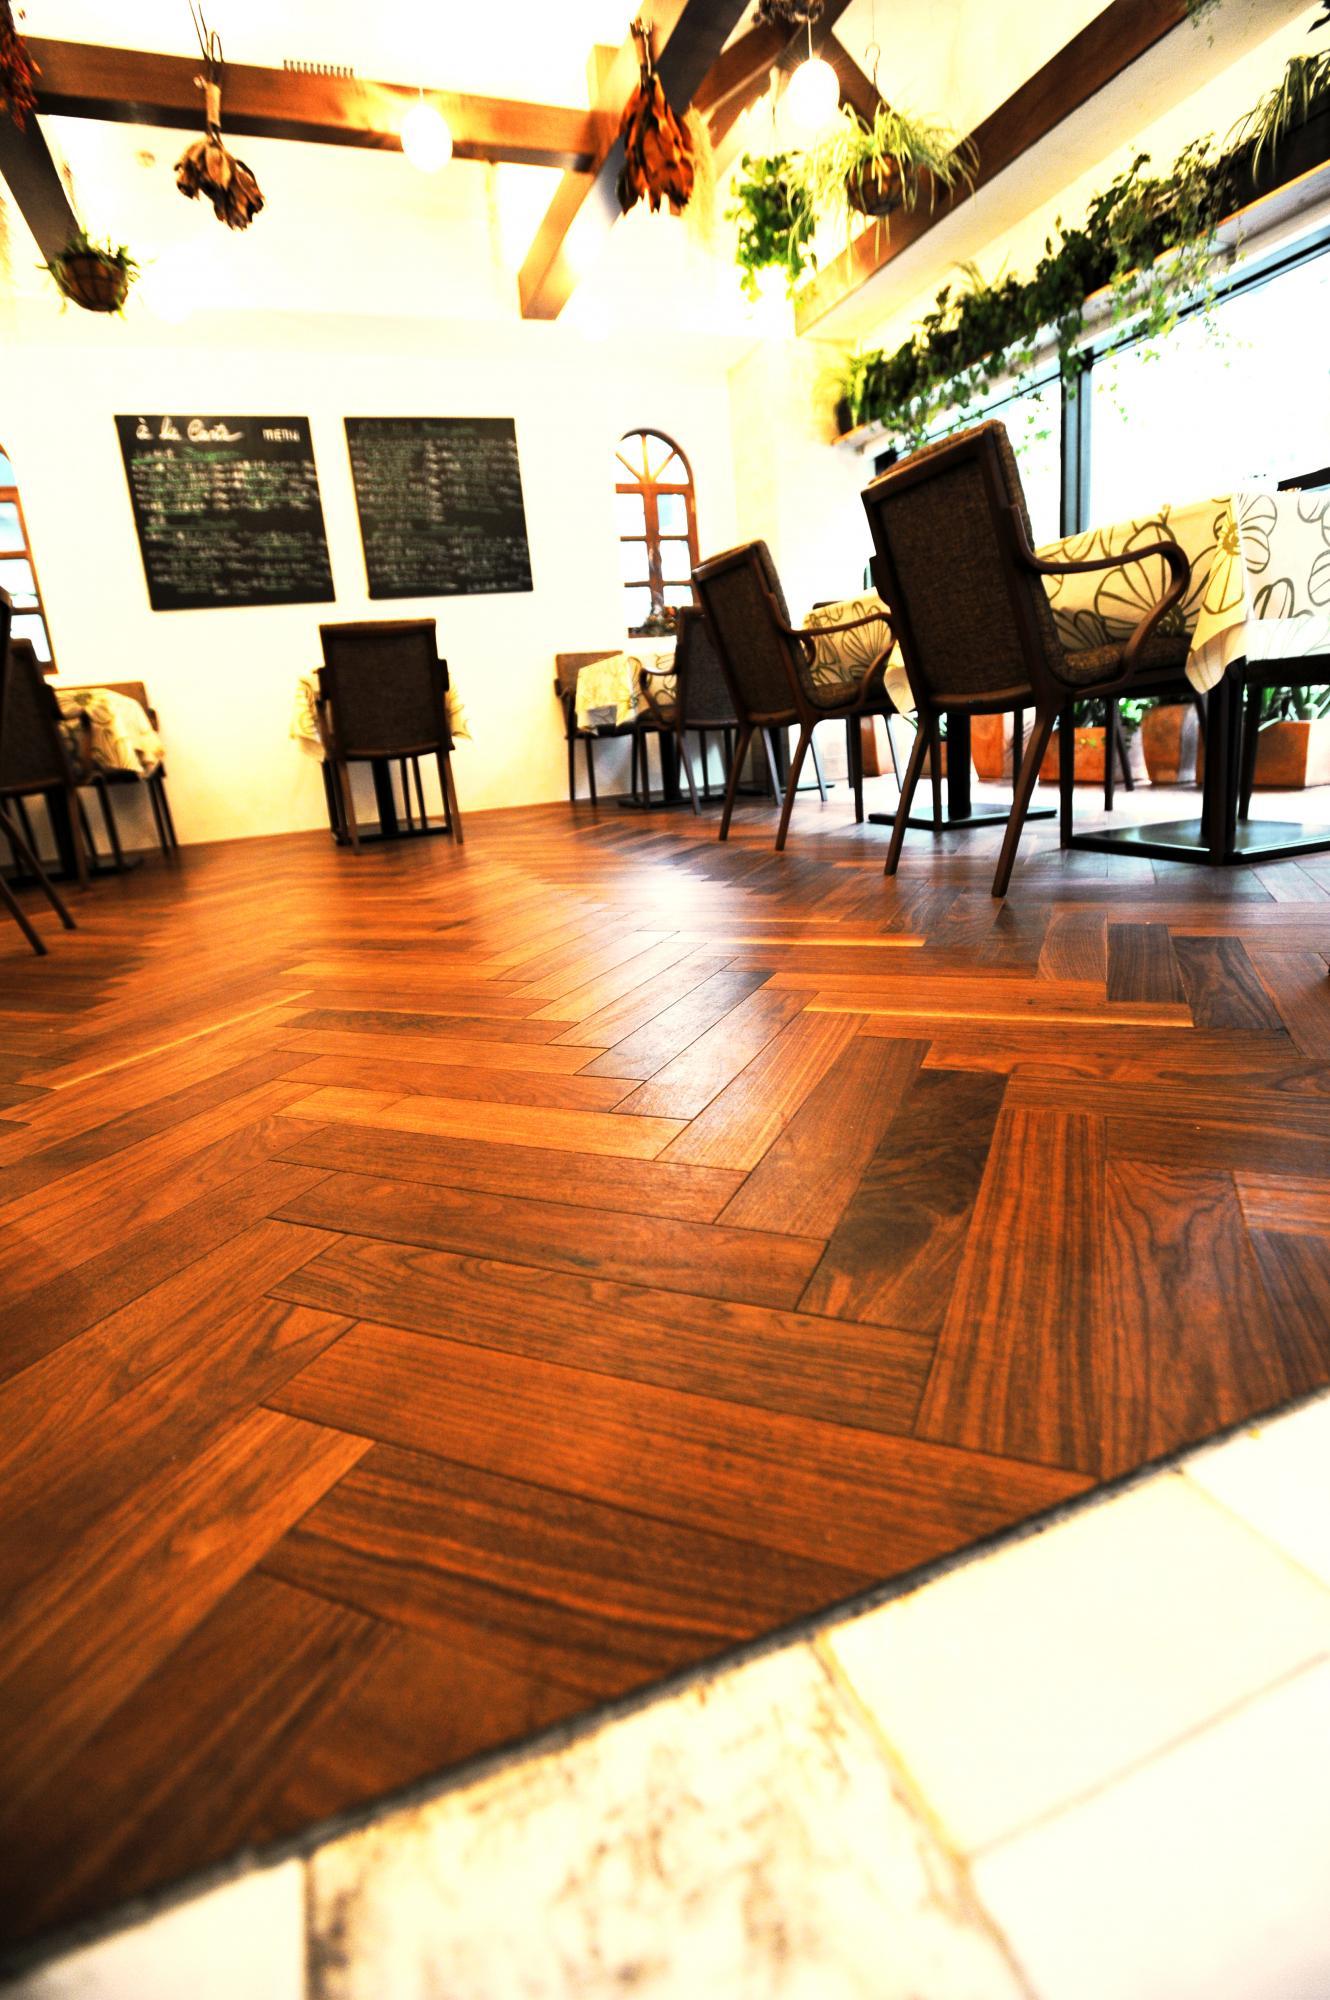 流行のヘリンボーン床。使う床材や色味によって様々な雰囲気を作り出すことができます。